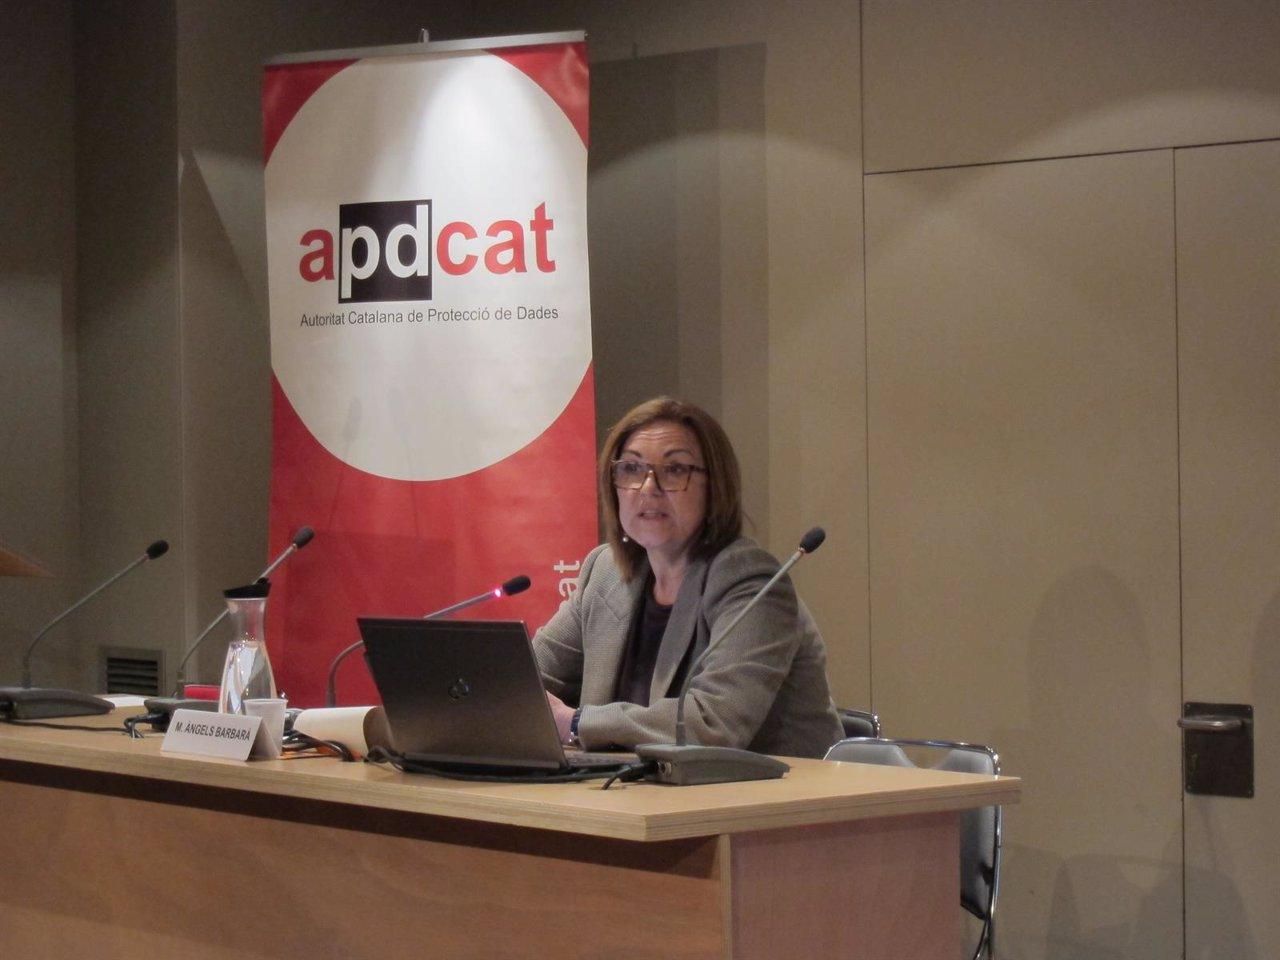 La directora de la Apdcat, Àngels Barbarà